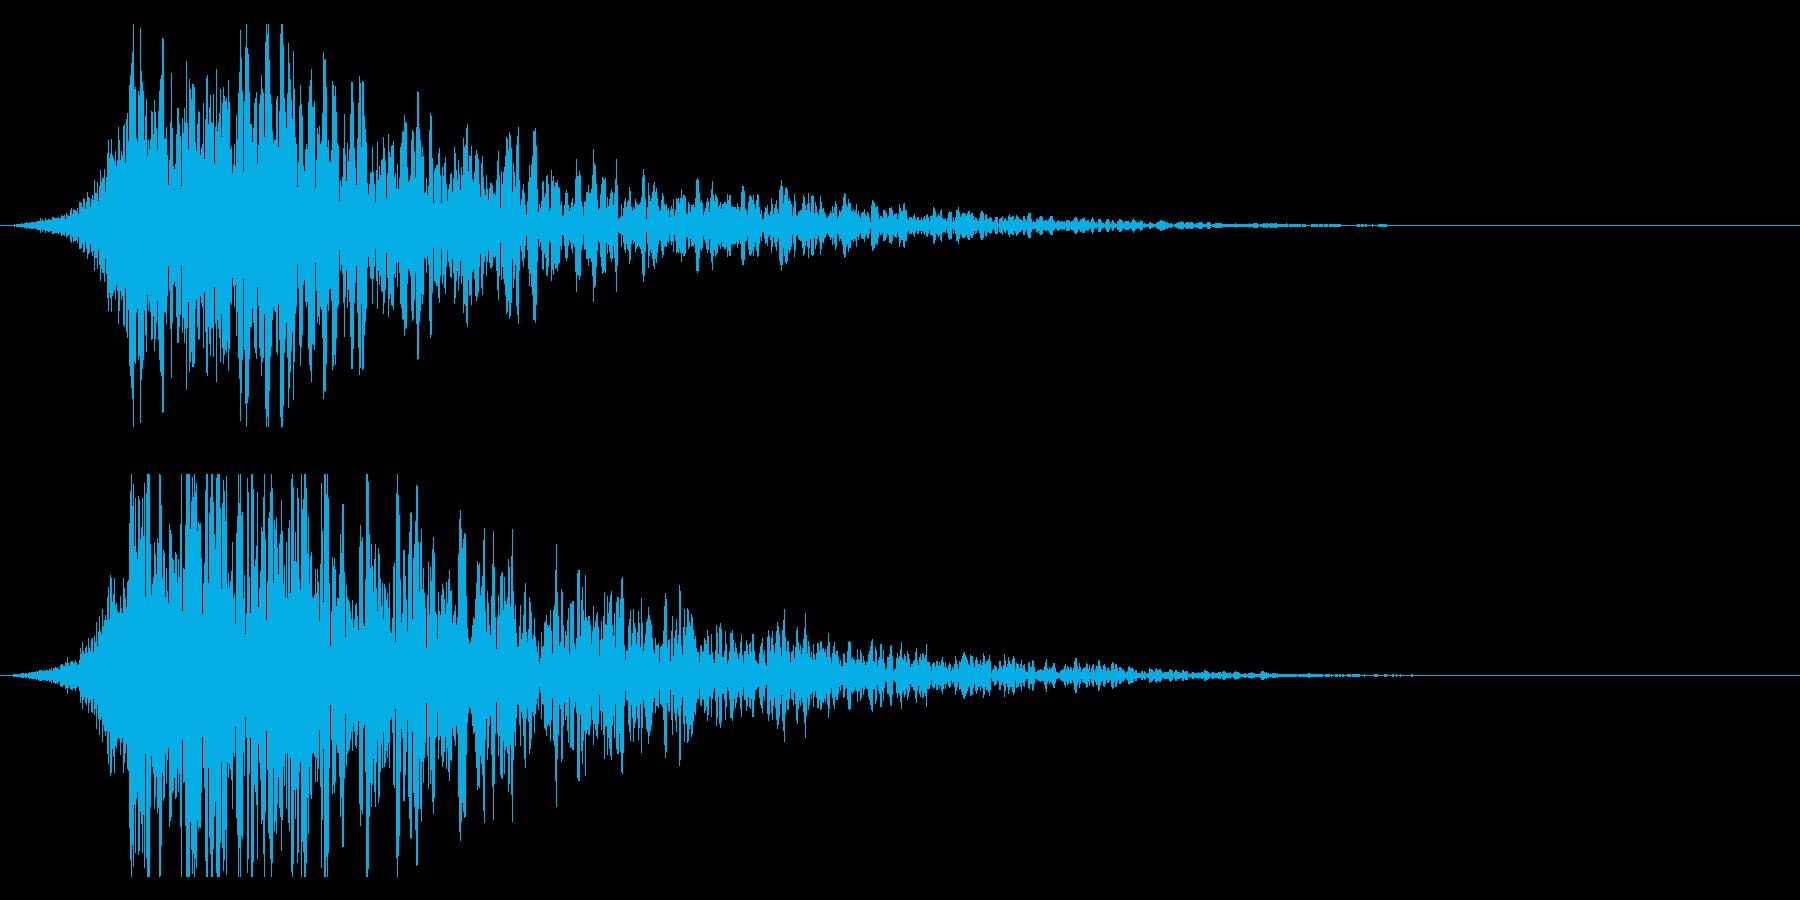 シュードーン-19-2(インパクト音)の再生済みの波形